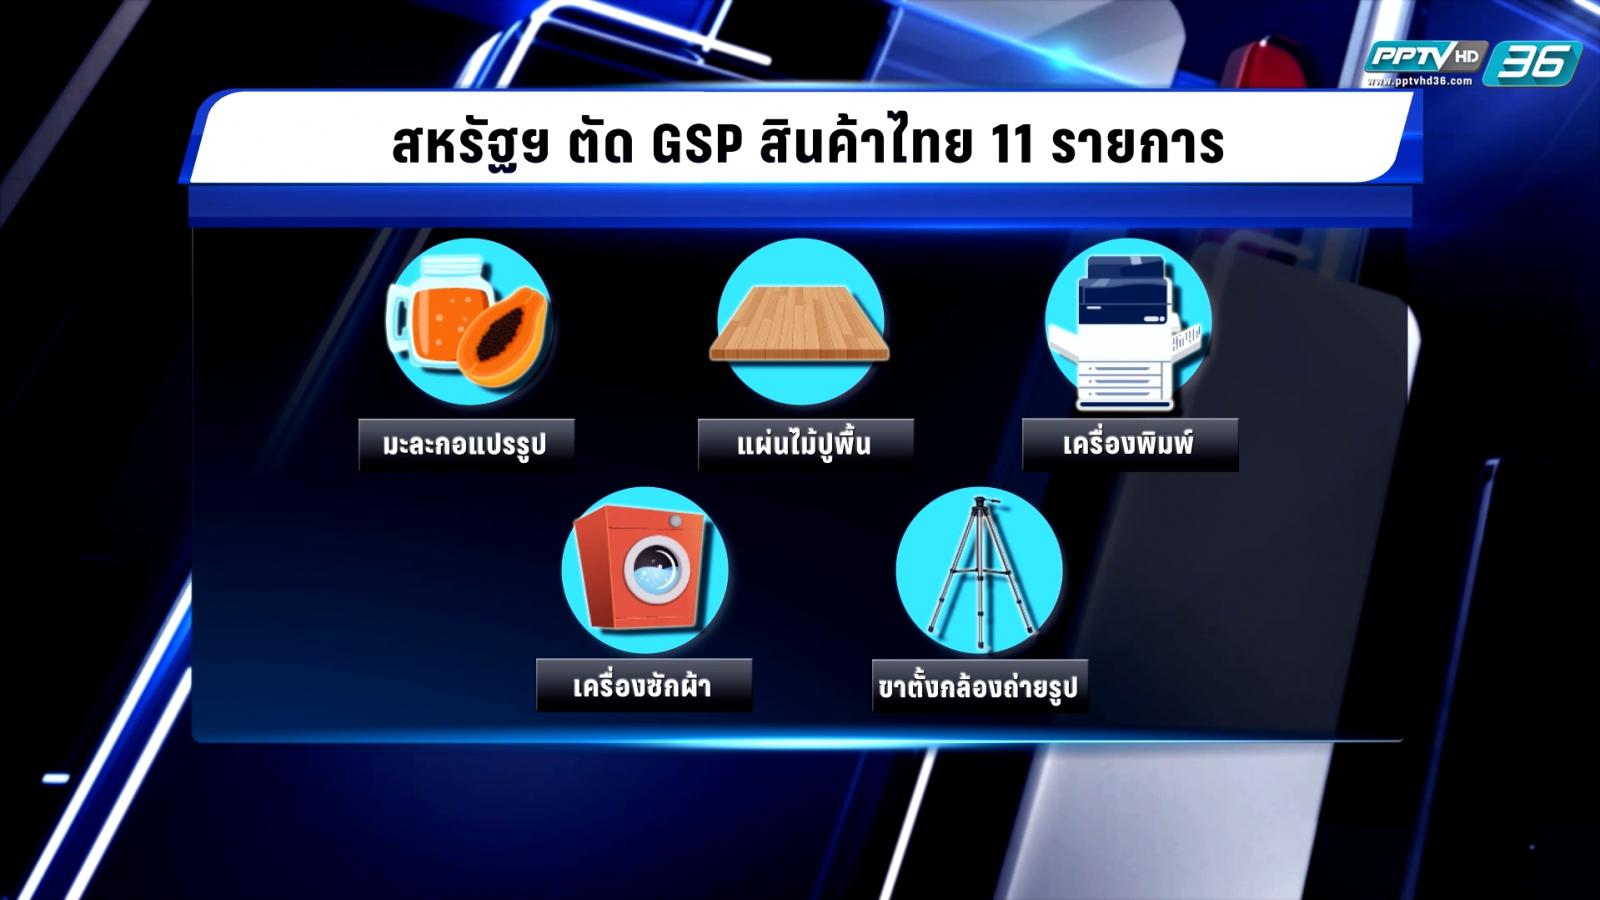 สหรัฐฯ ตัดสิทธิพิเศษทางภาษี สินค้าไทย 11 รายการ